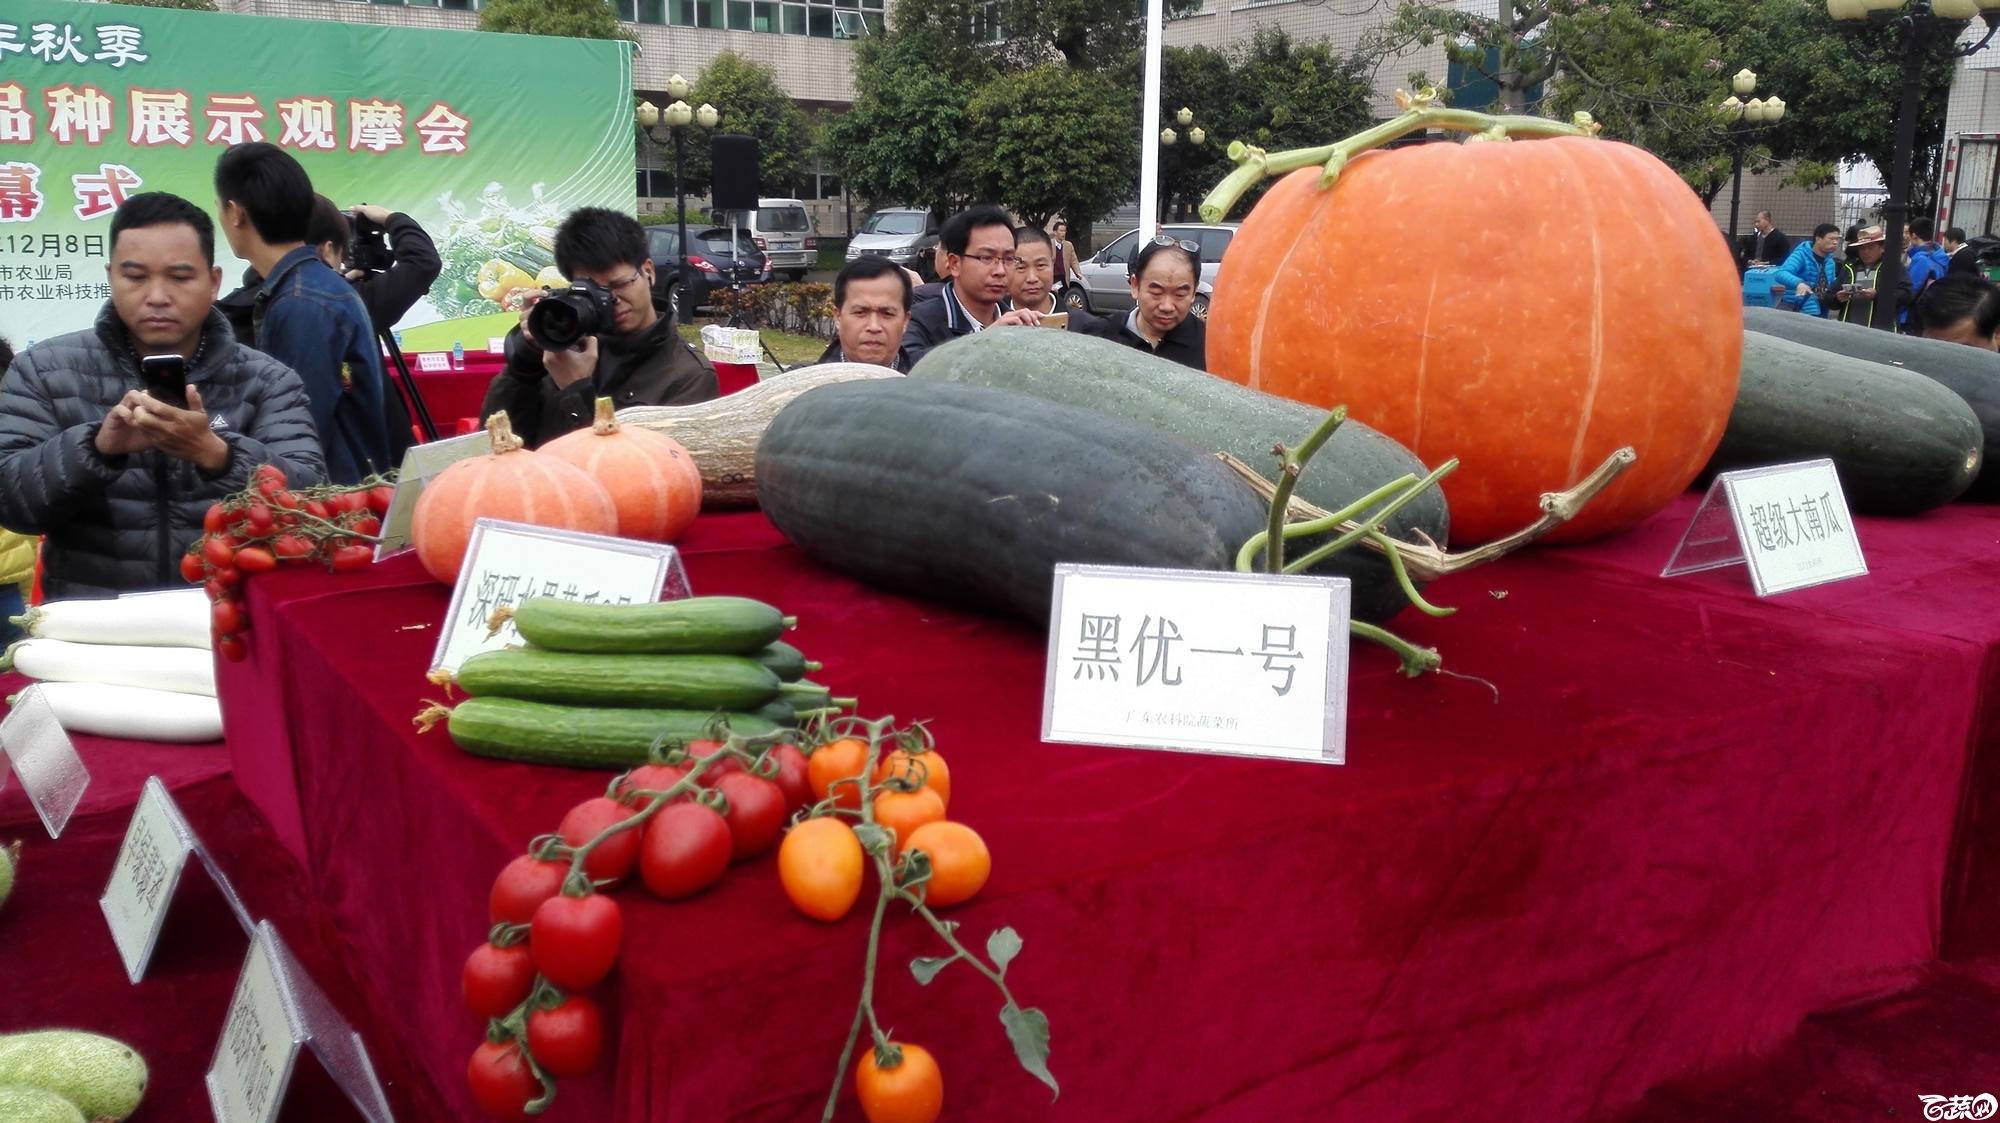 2014年12月8号中山蔬菜新品种展示会_瓜类_010.jpg